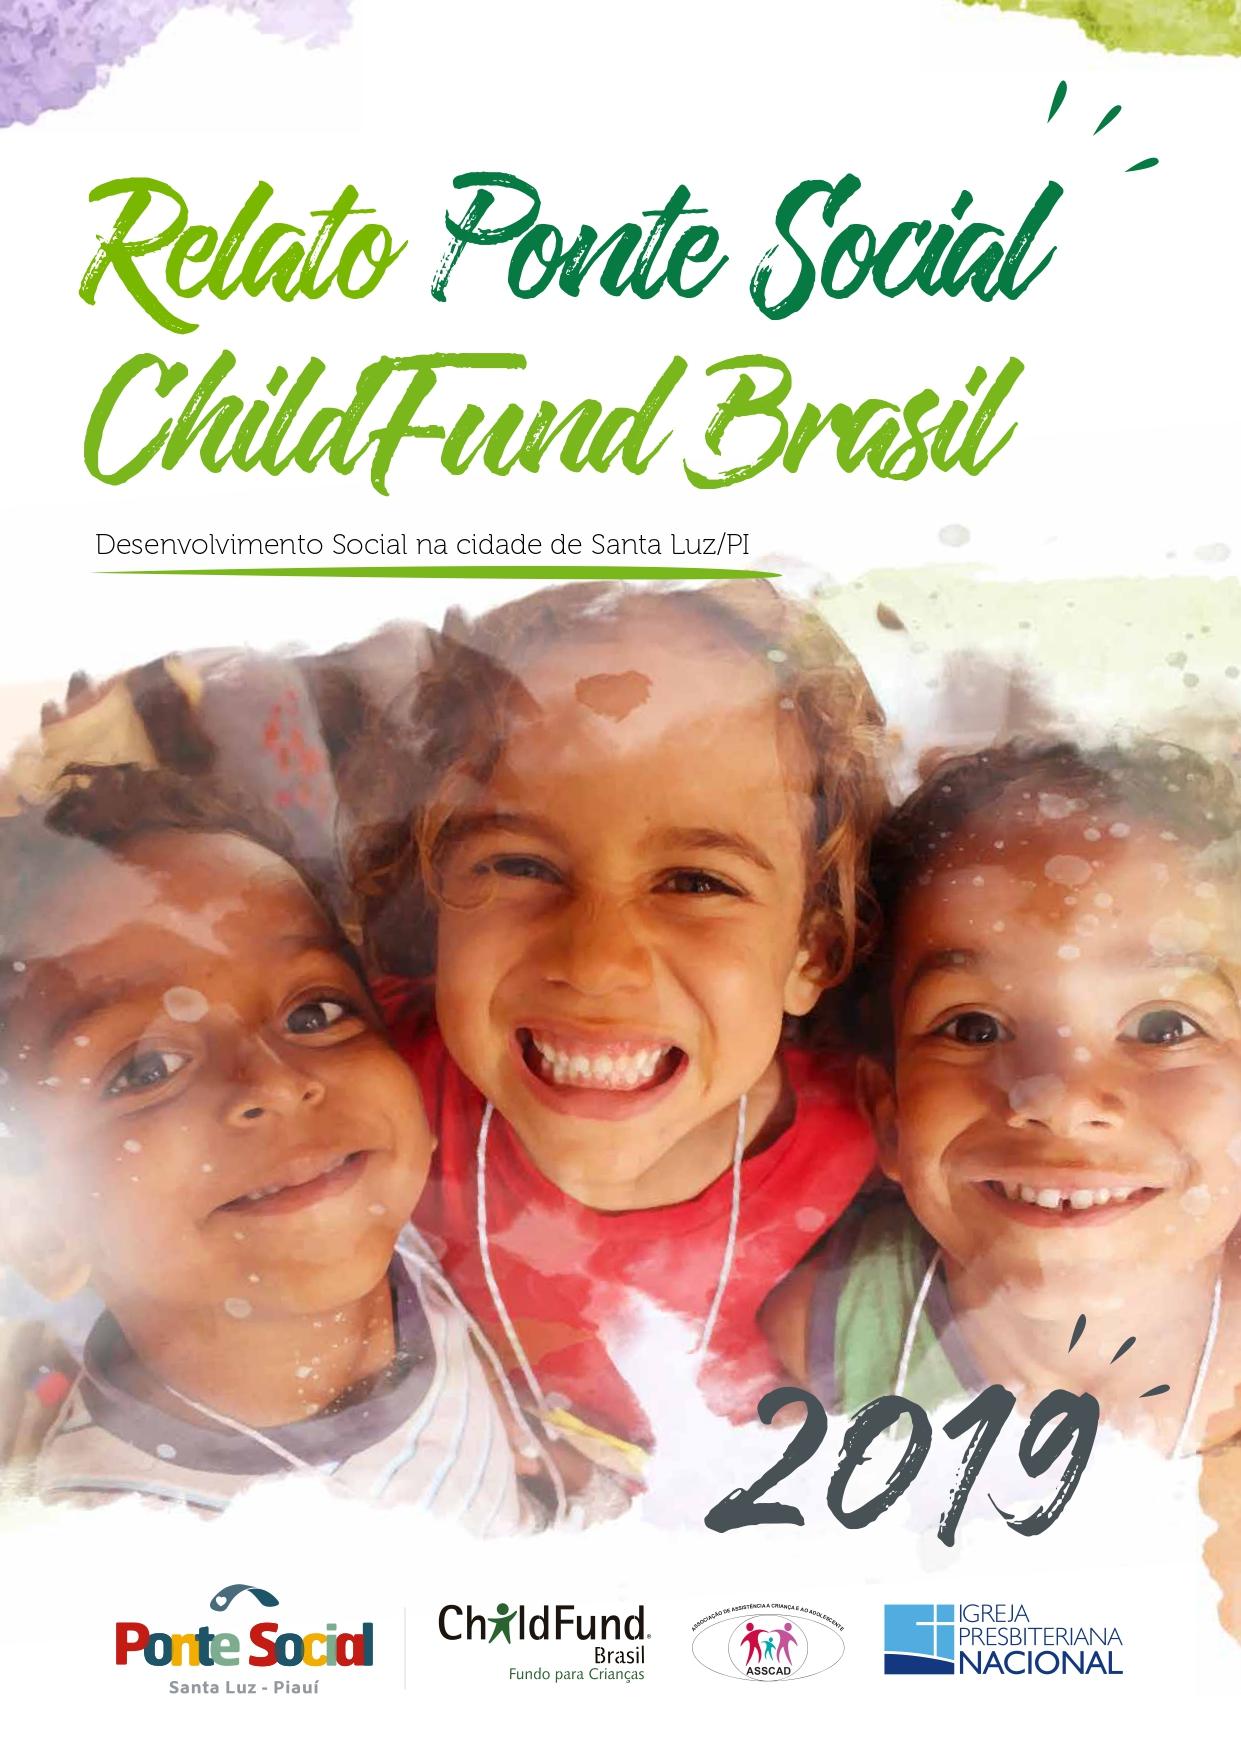 Relato Ponte Social - Santa Luz 2019